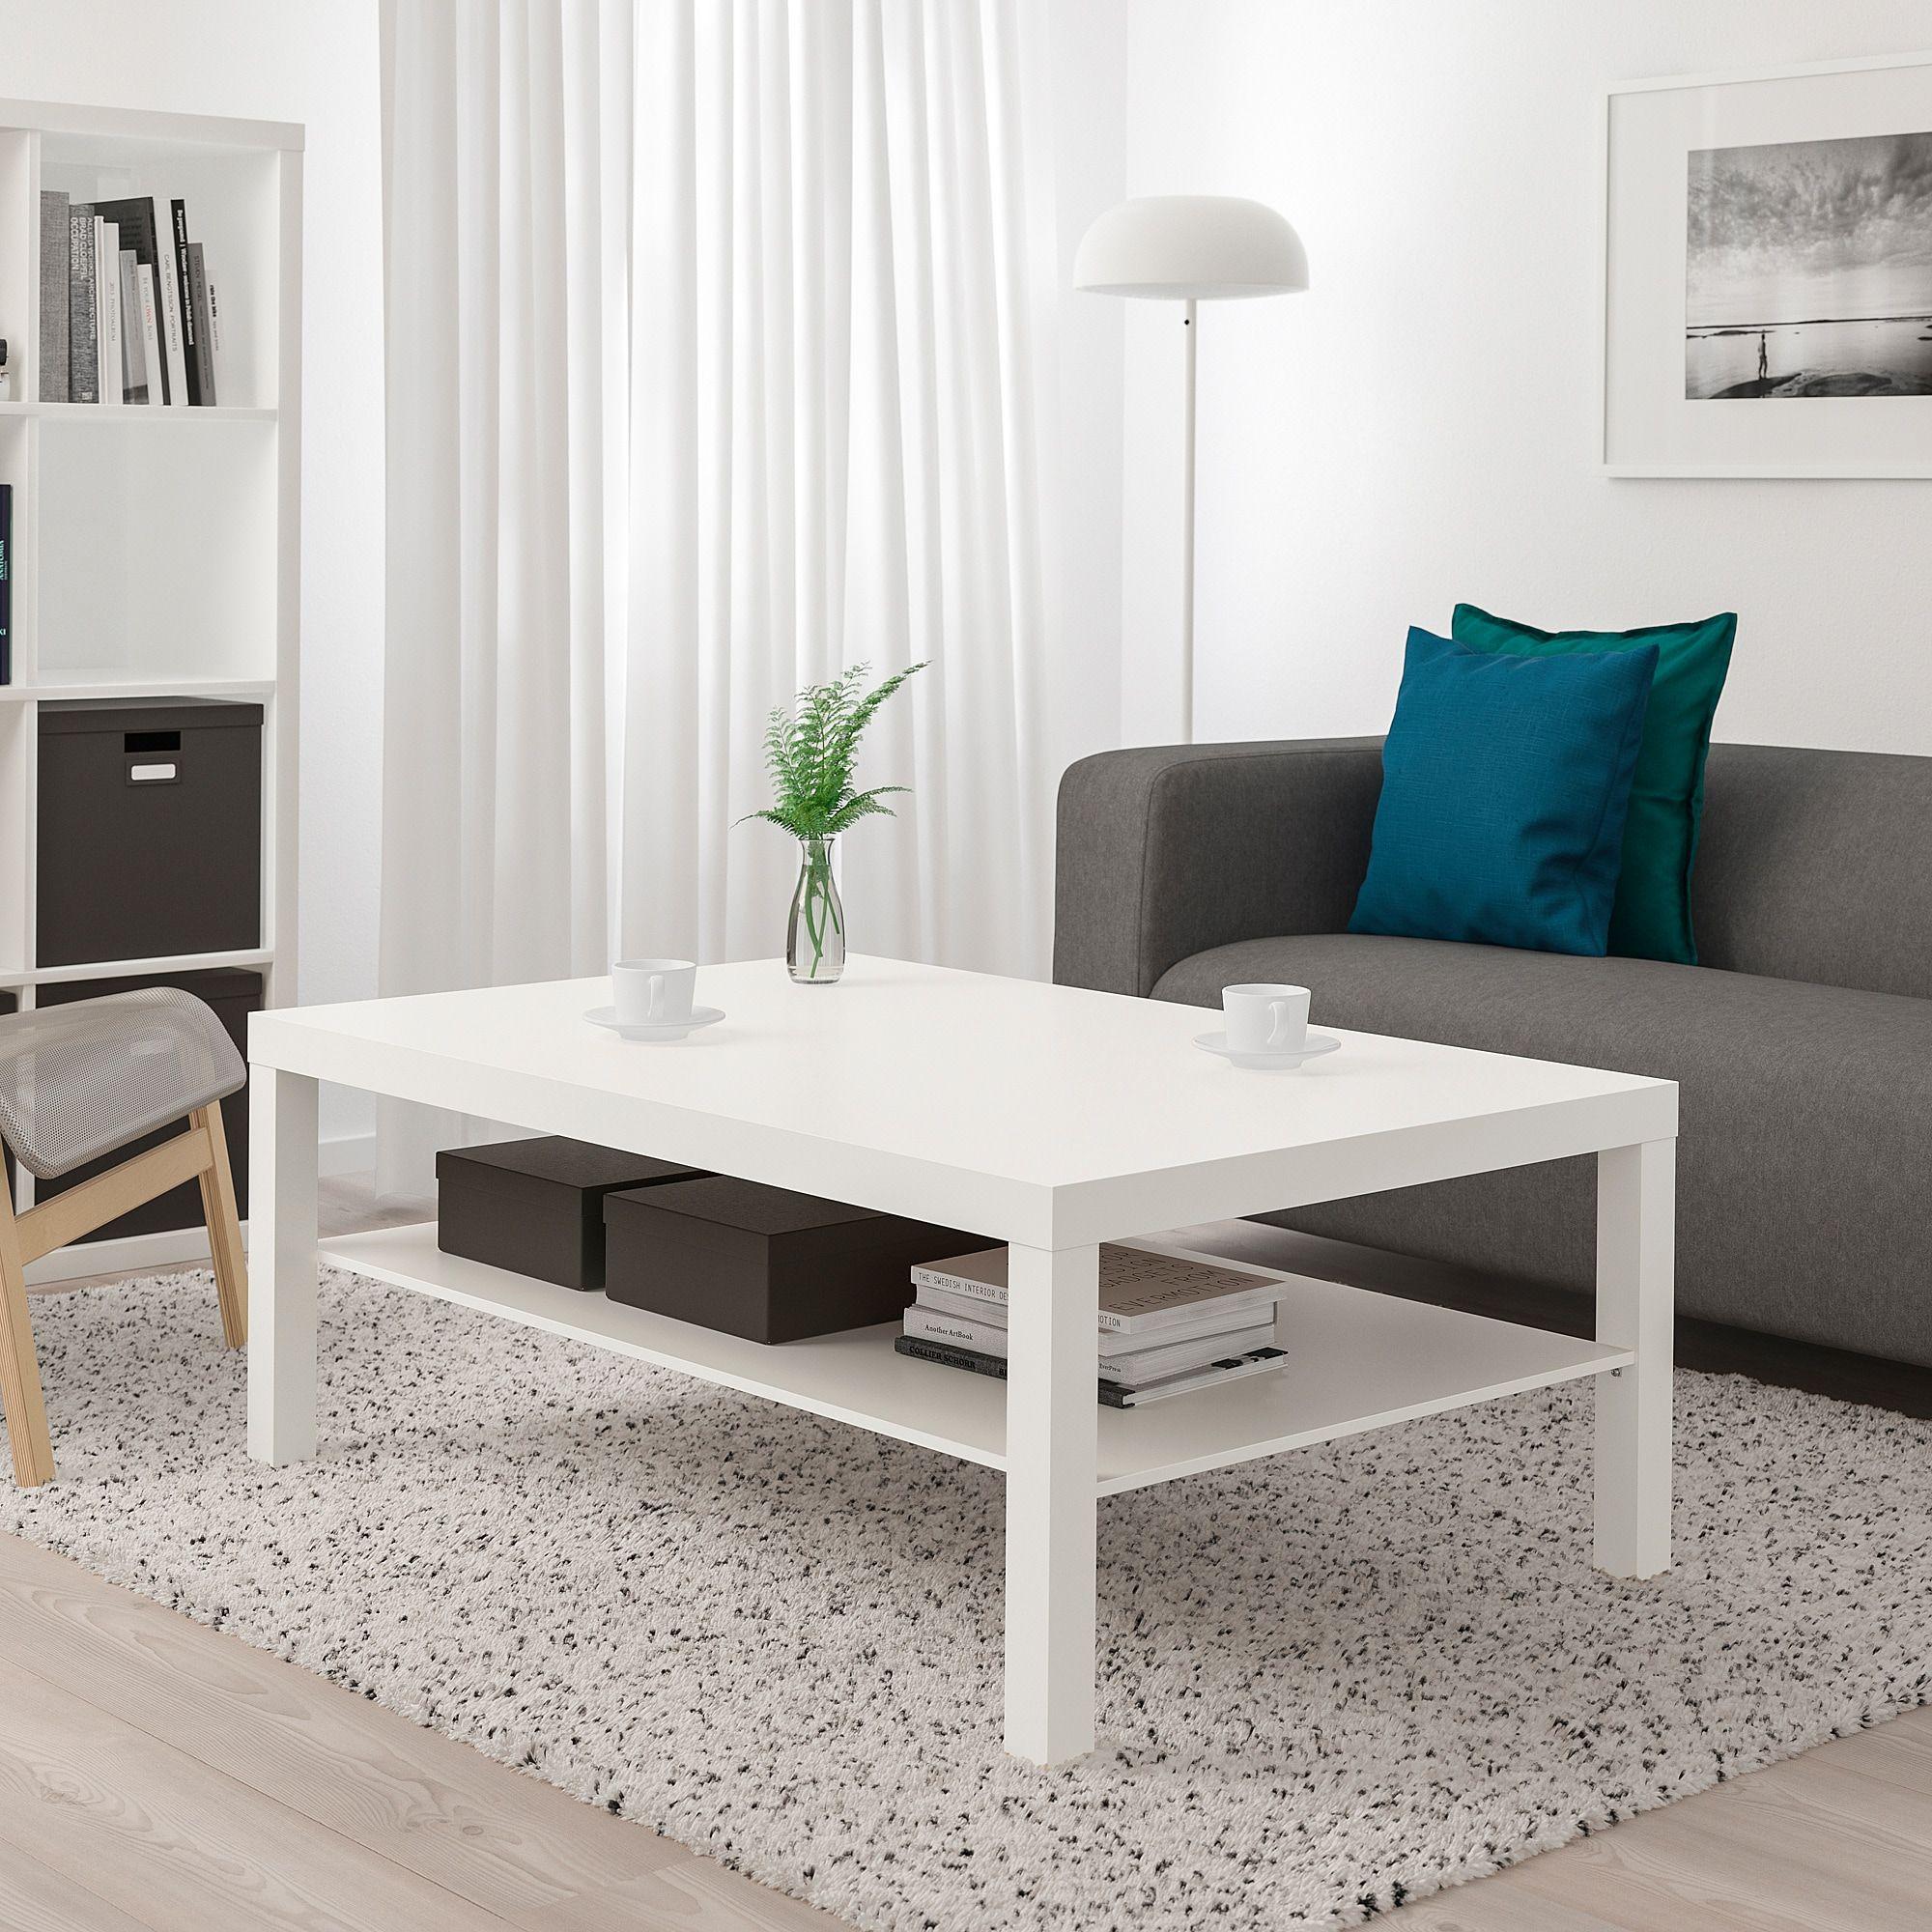 Ikea Lack Coffee Table White In 2020 Wohnzimmertische